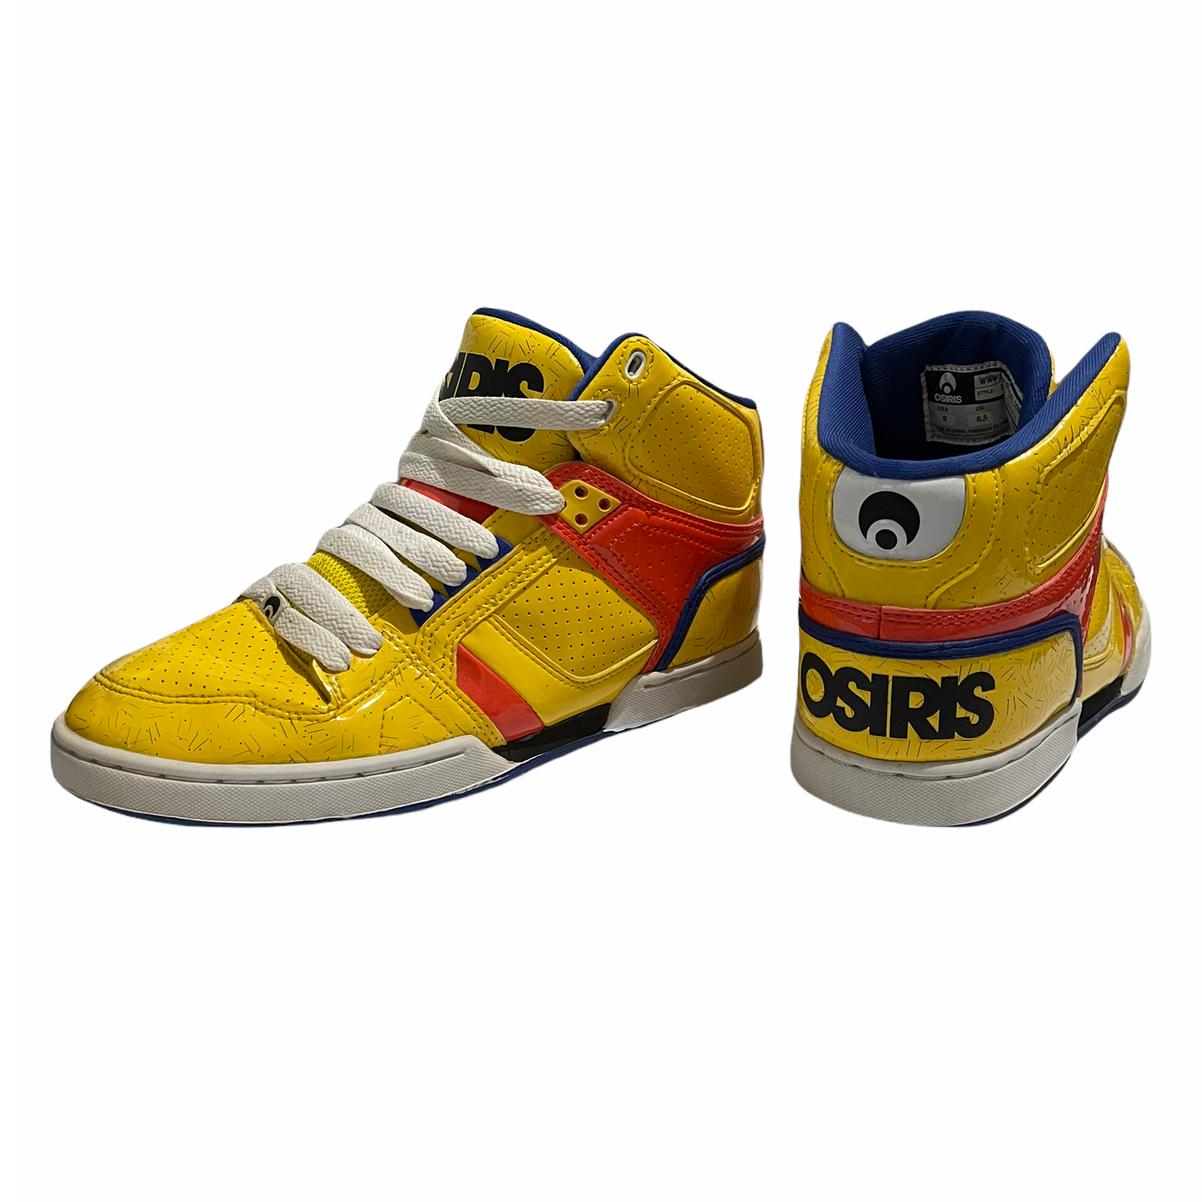 Osiris NYC 83 SLM filles Skateboarding Chaussures Taille 9 Jaune Orange Bleu Patineuse